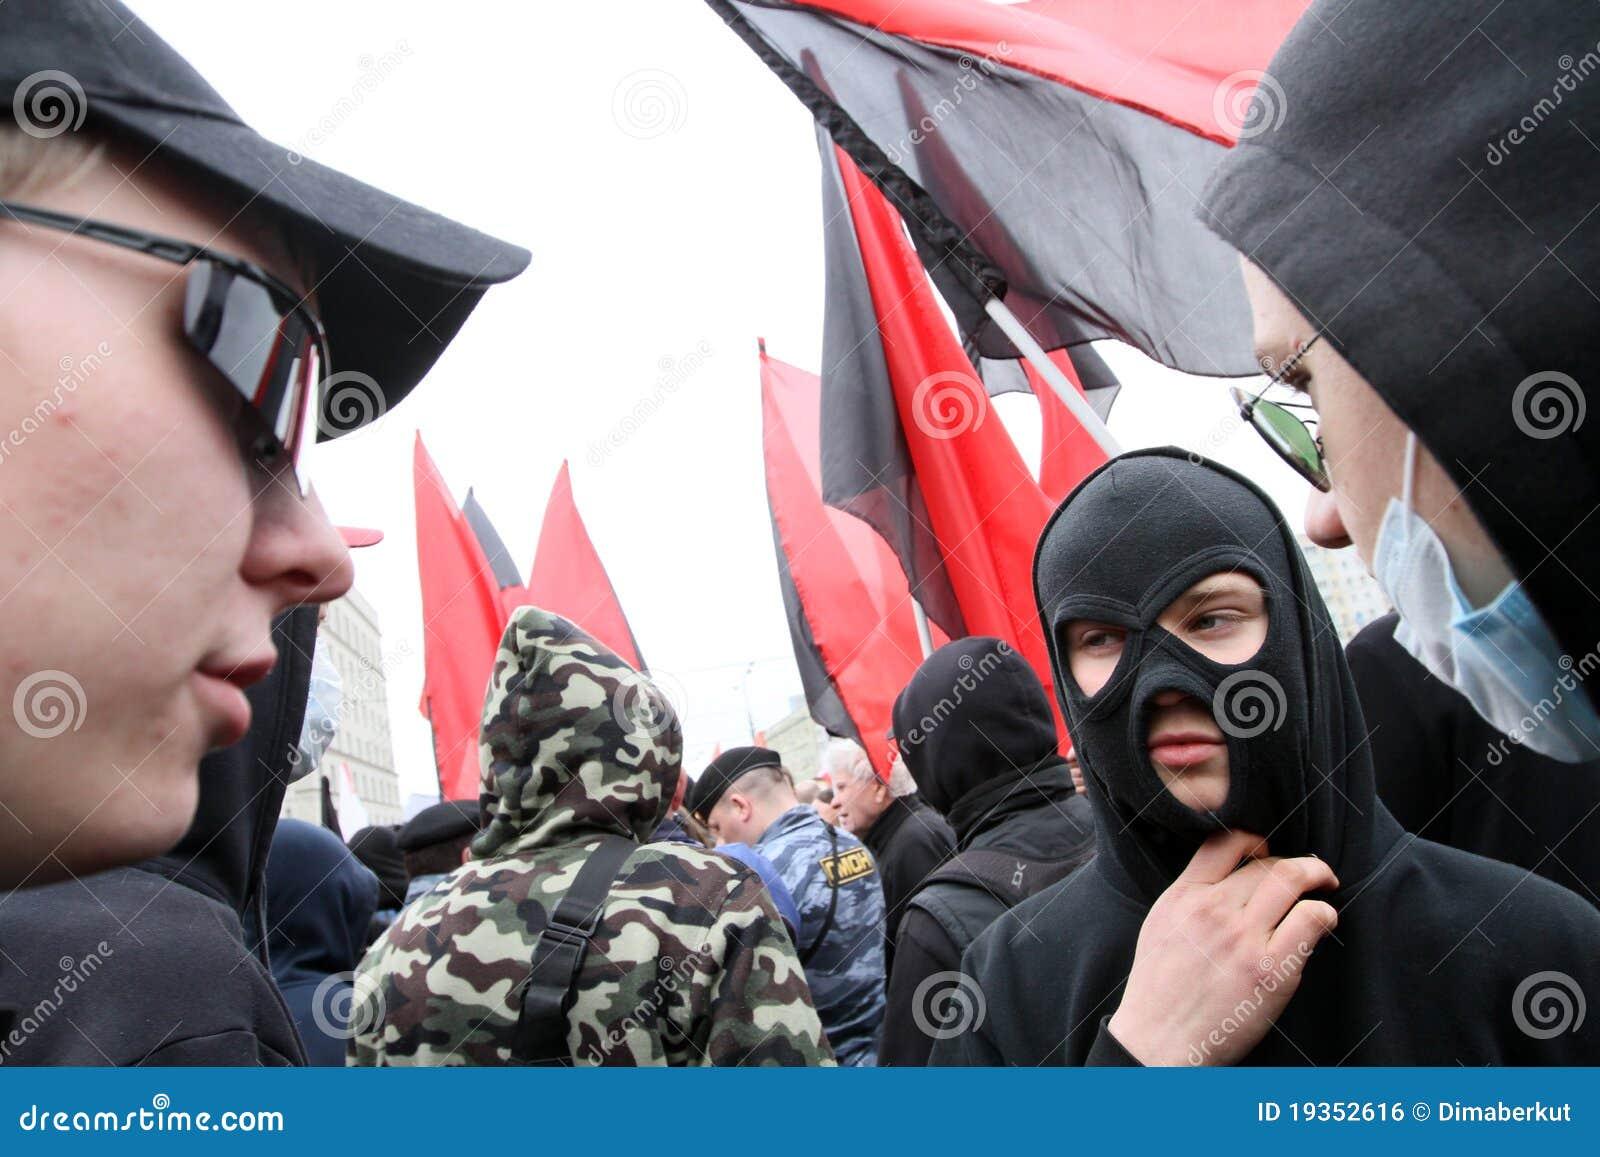 Demonstrações dos anarquistas em Moscovo.